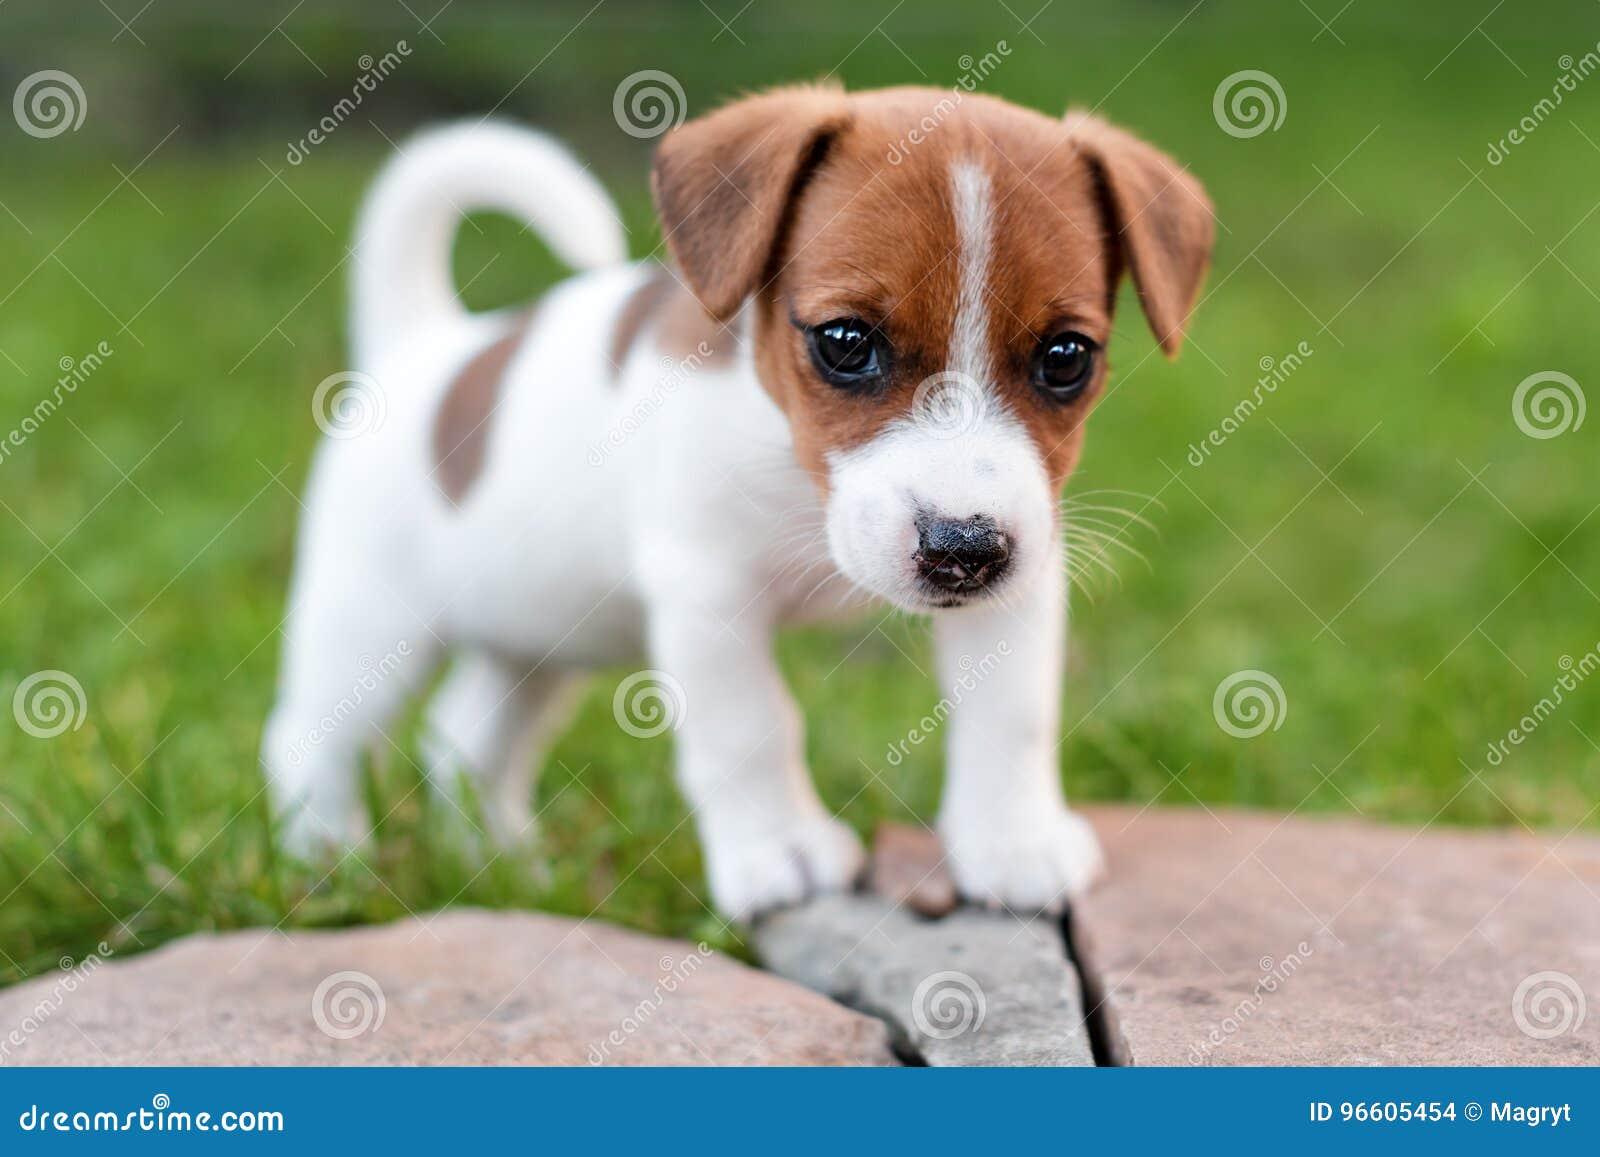 Ogromny Jack Russell Pies Na Trawy łące Mały Szczeniak Chodzi W Parku GR91